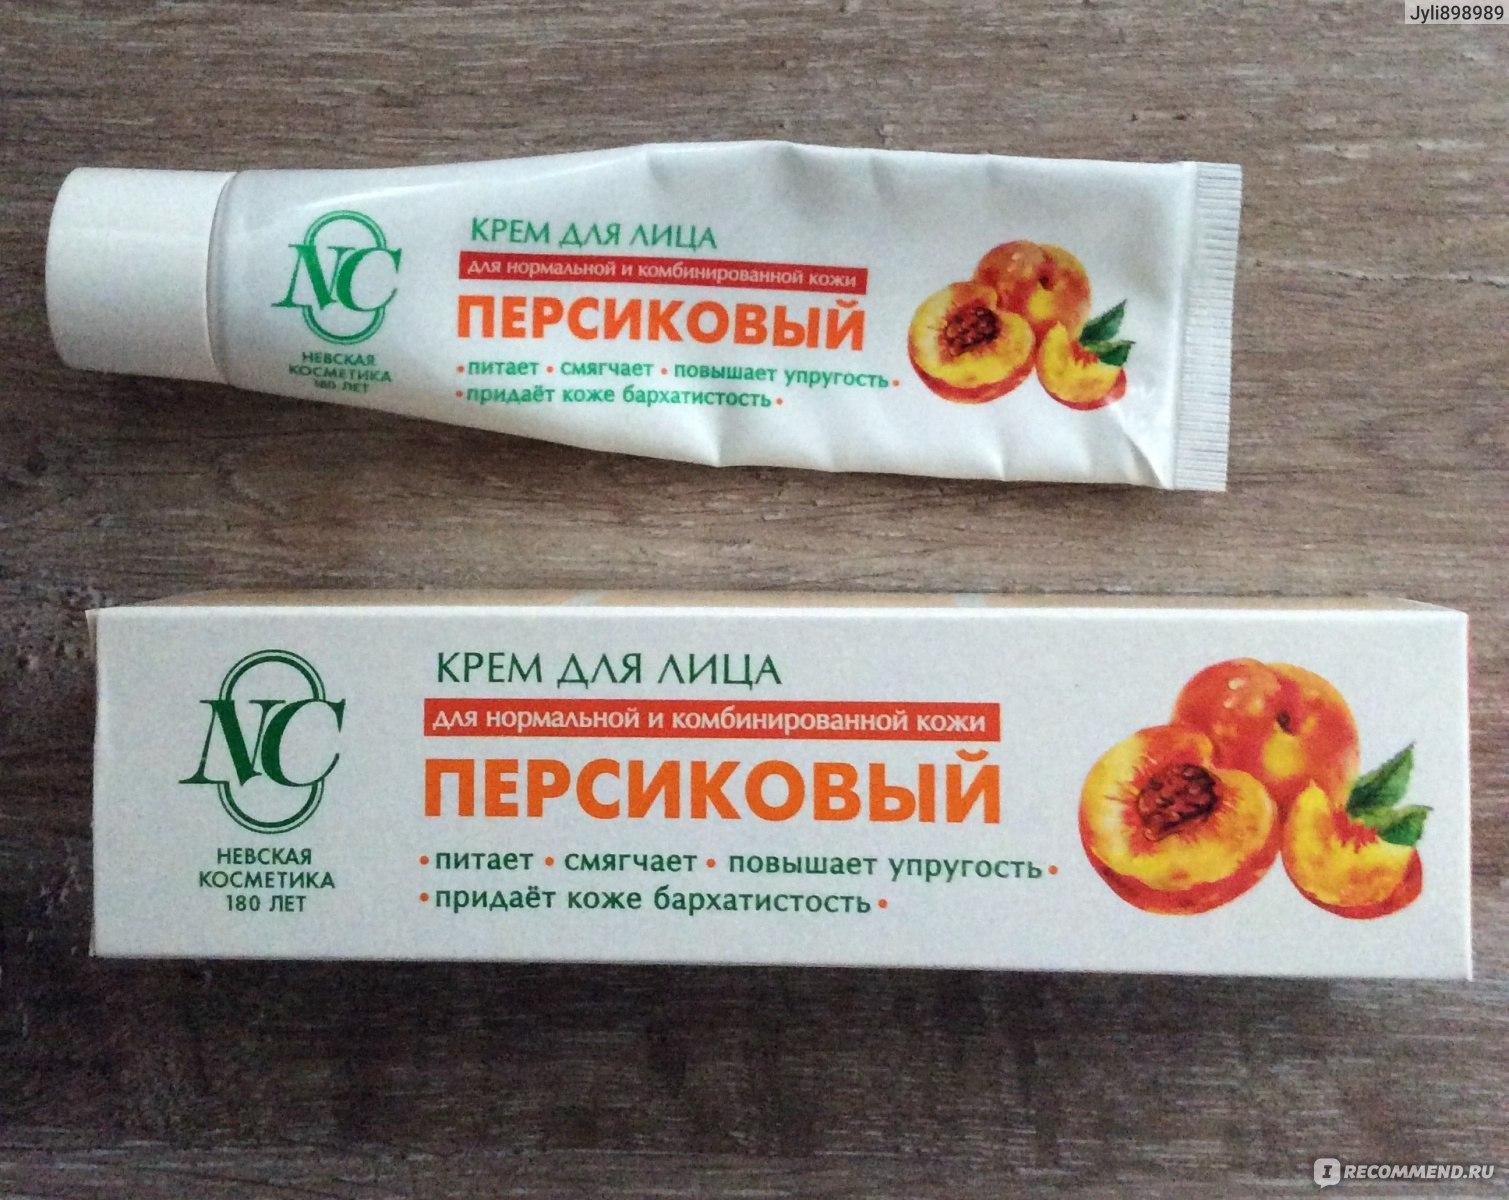 невская косметика крем персиковый купить